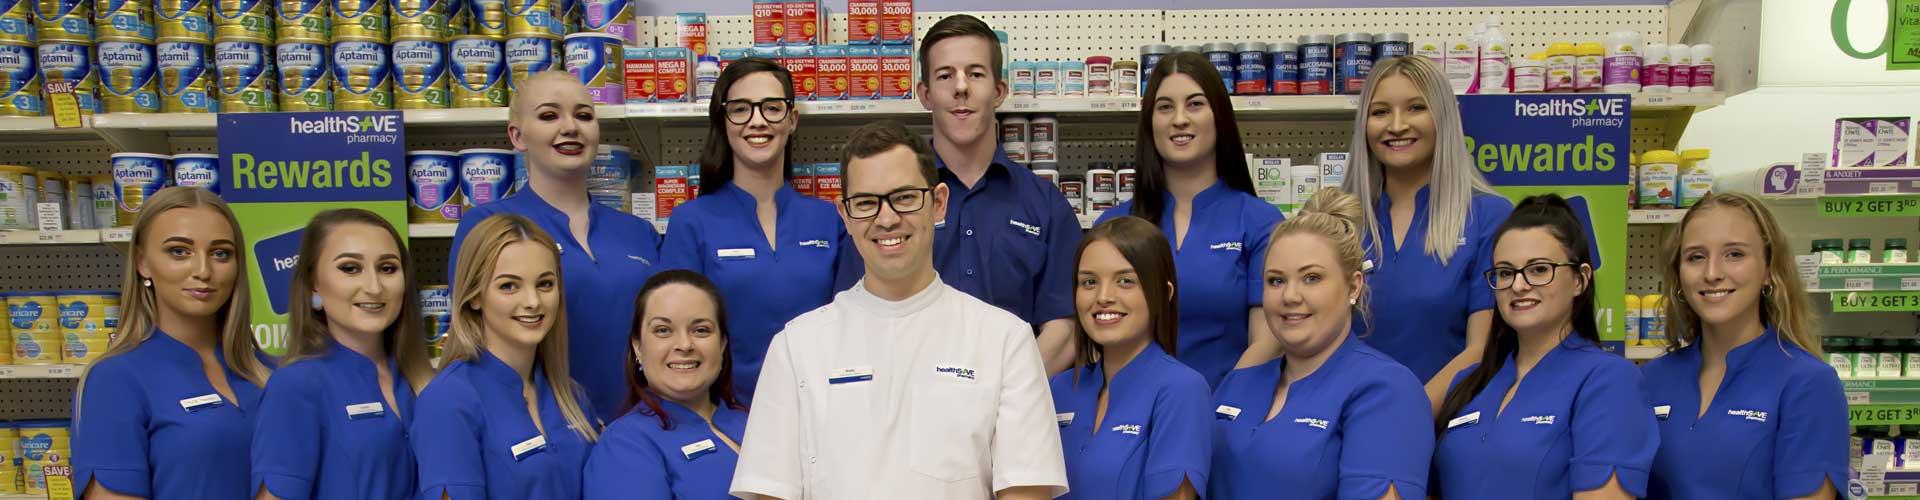 Charlestown Pharmacy Staff